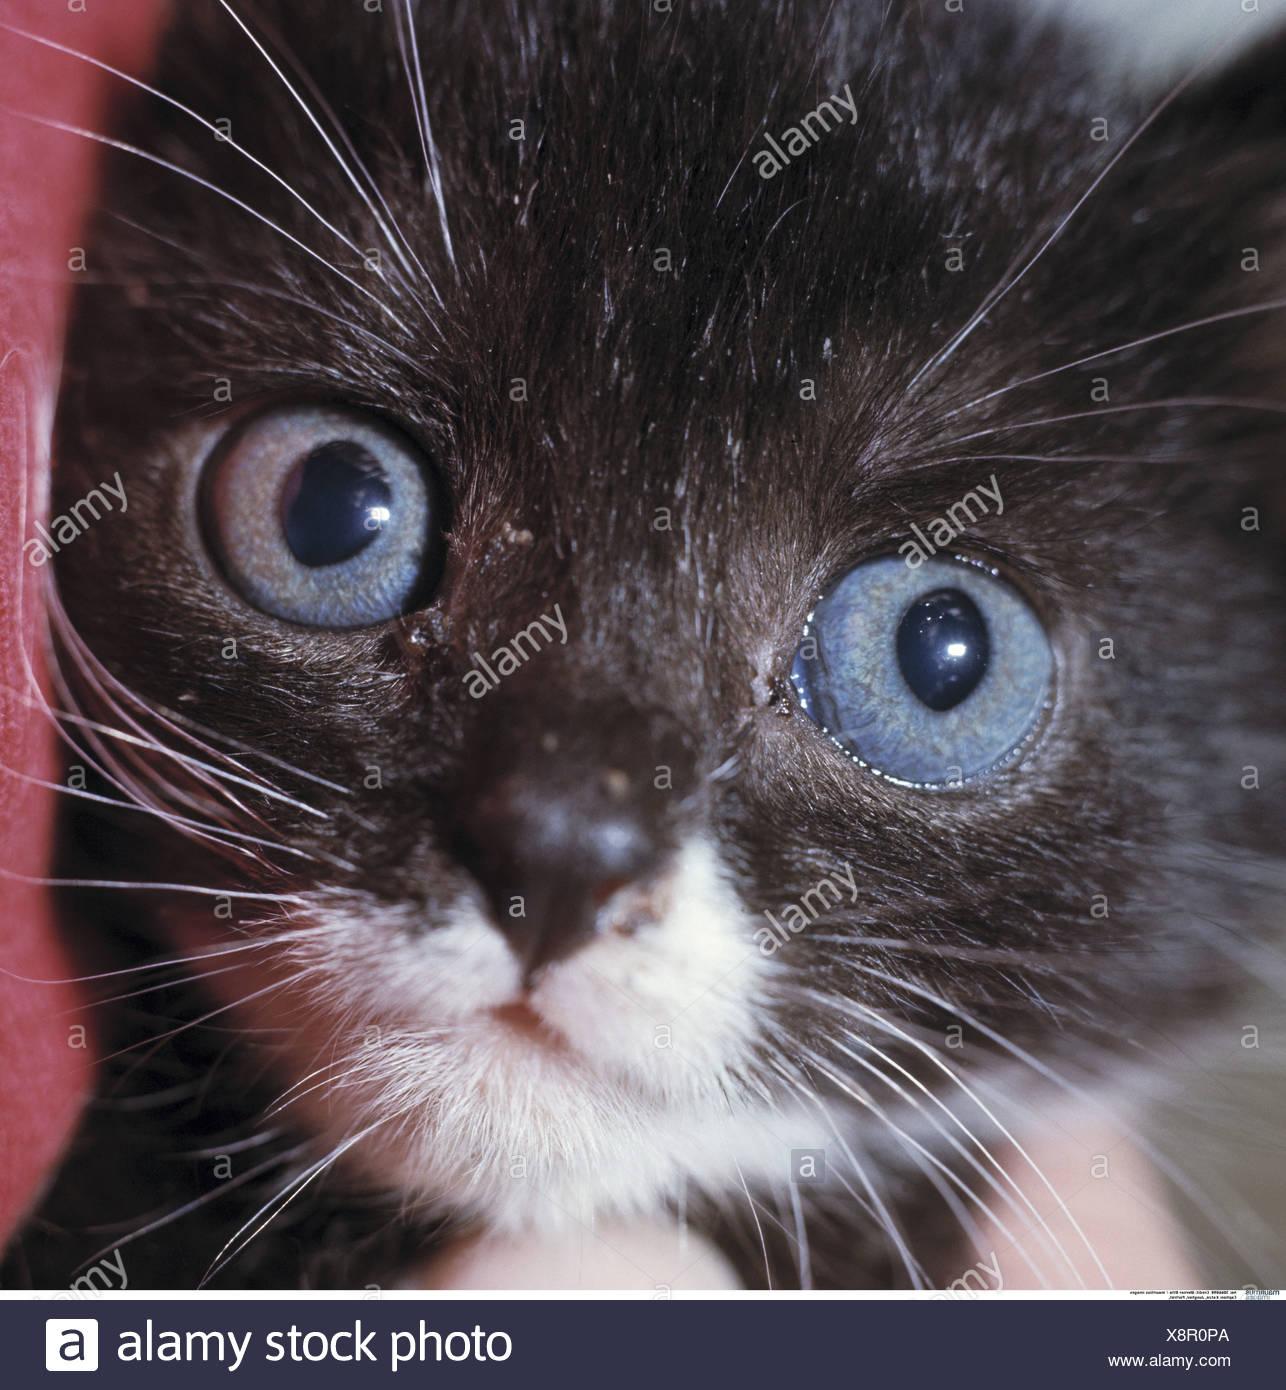 Katze Junge Portrat Tier Saugetier Haustier Hauskatze Junge Schwarz